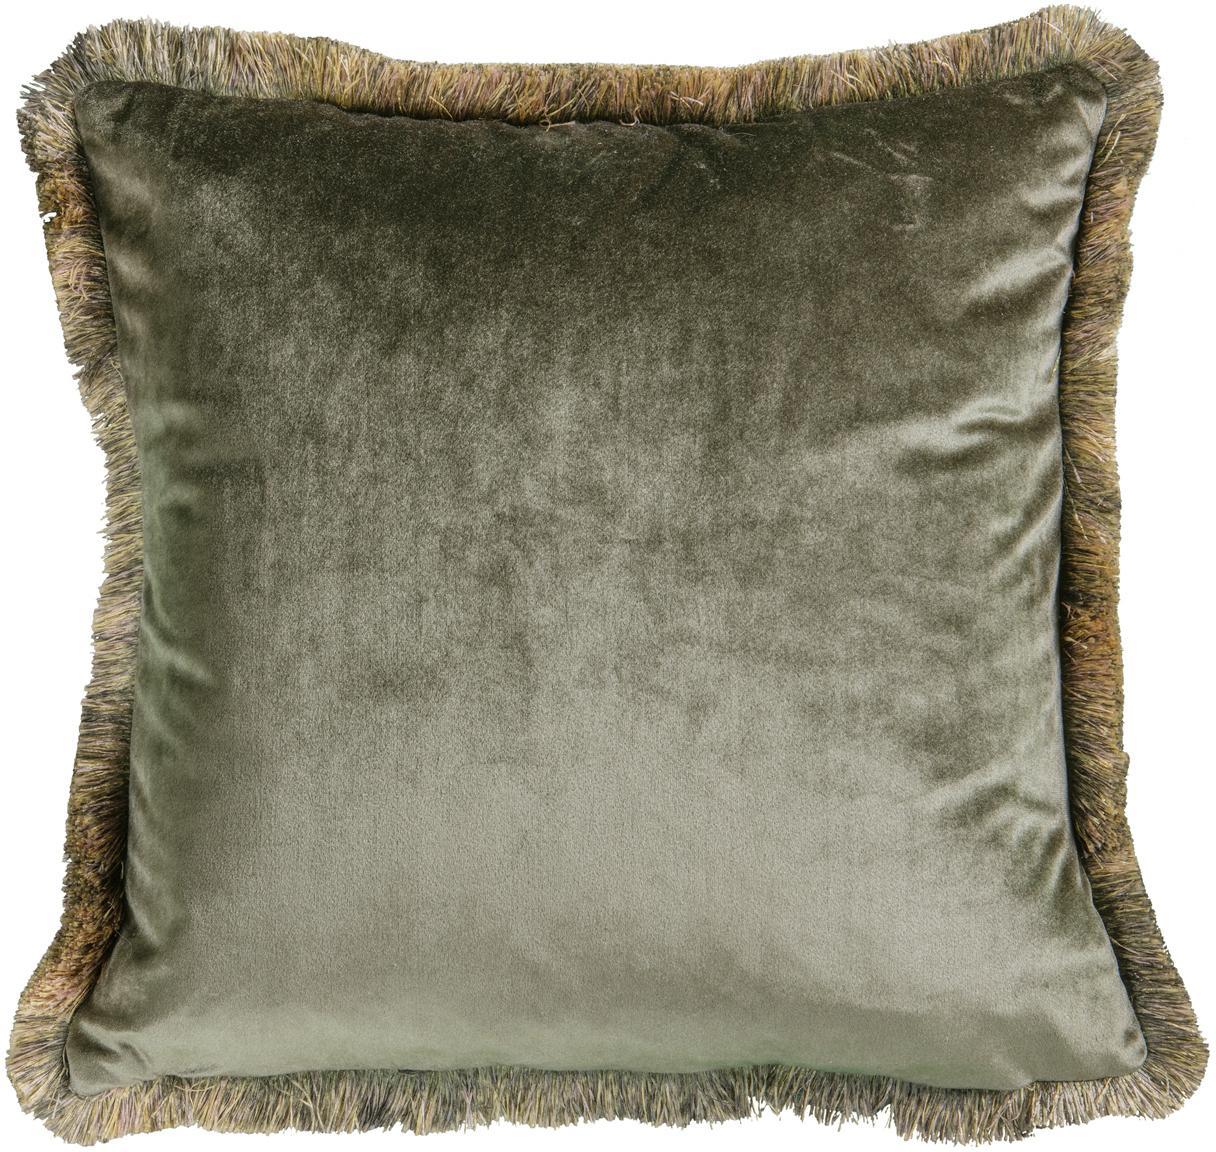 Cuscino con imbottitura in velluto Ombre, Rivestimento: 100% velluto di poliester, Cachi, Larg. 45 x Lung. 45 cm